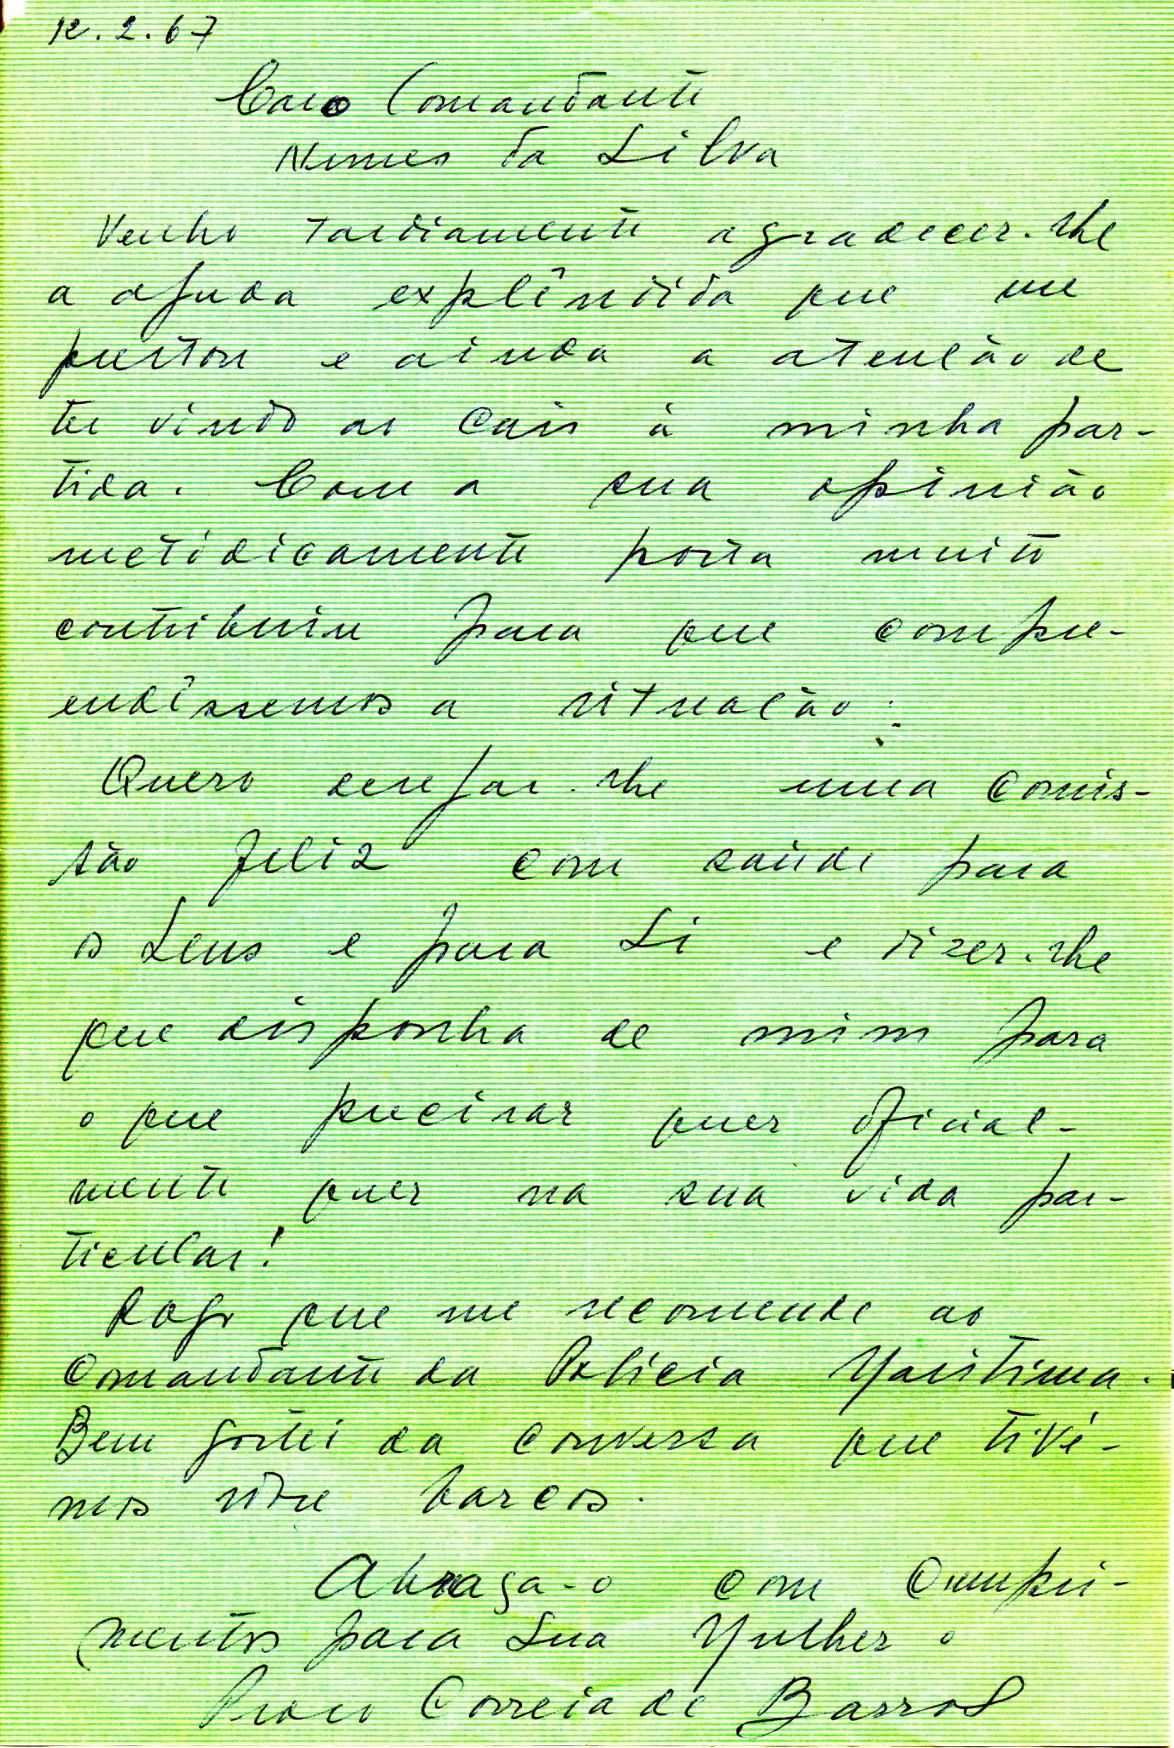 00489 967-02-12 carta de Correia de Barros agradecendo minha intervenção decisiva para a resolução dos acontecimentos de 66-67